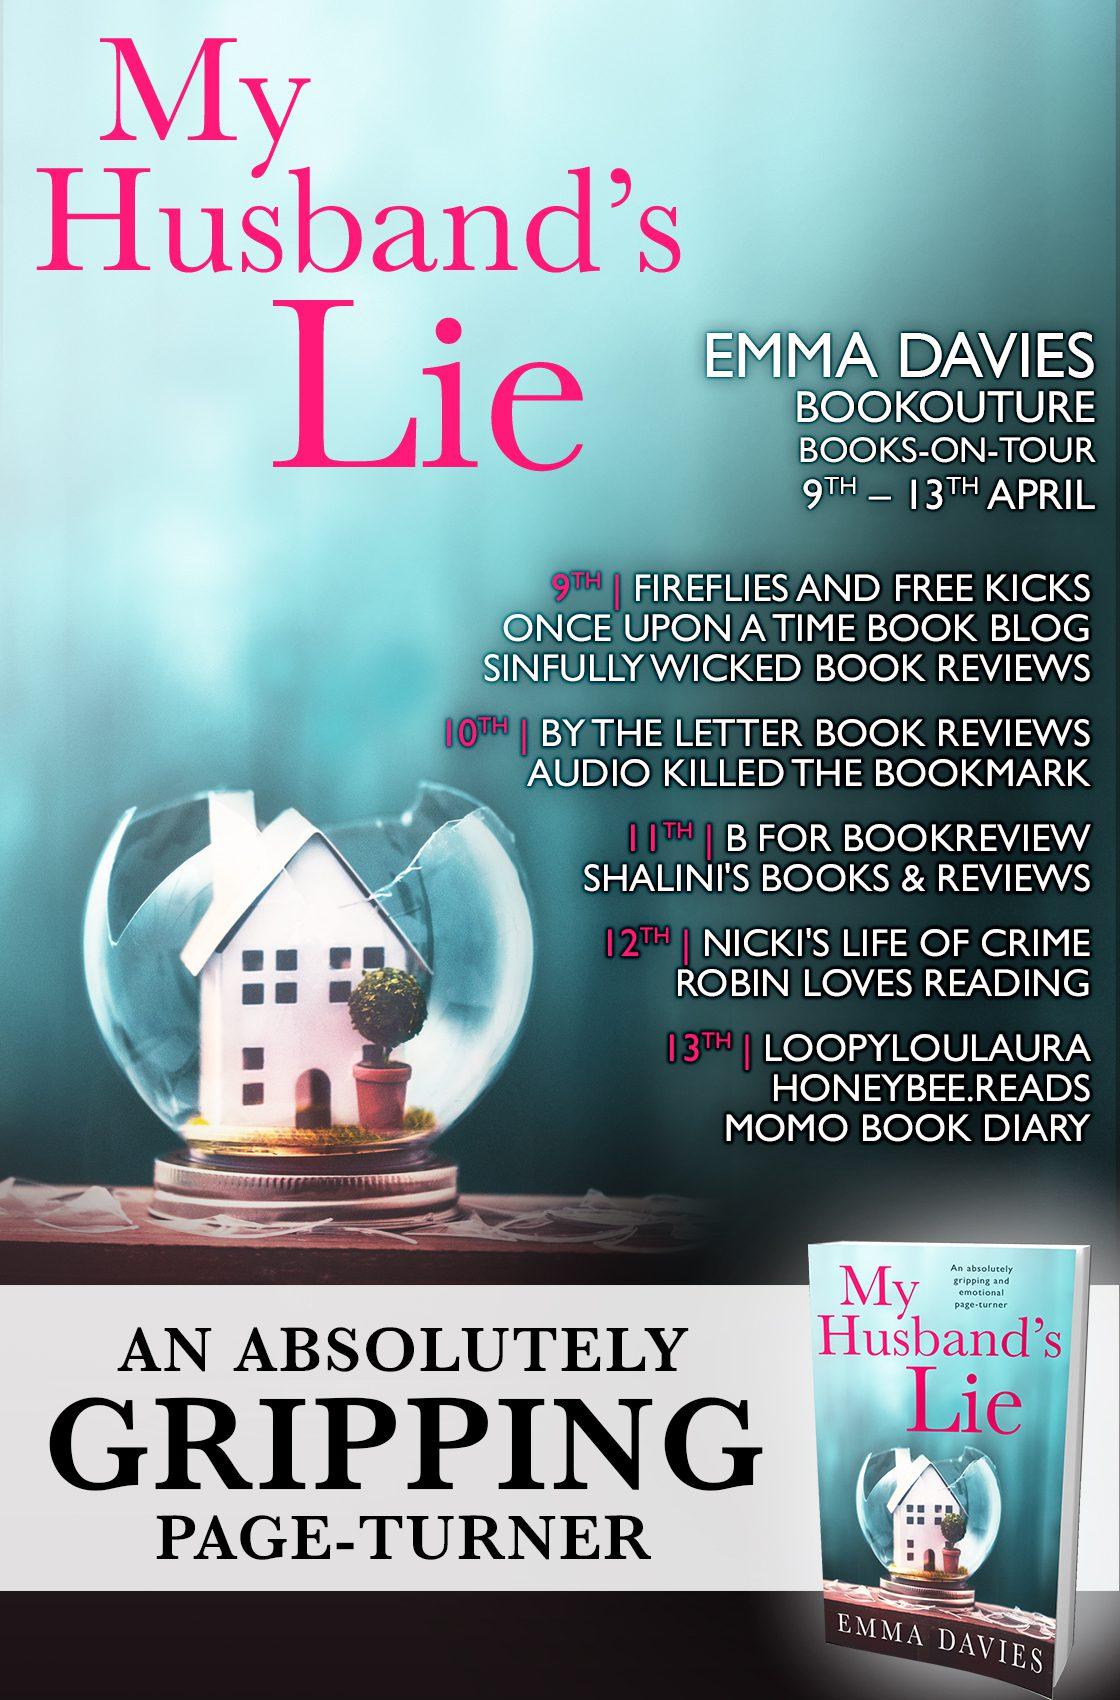 My Husband's Lie blog tour banner